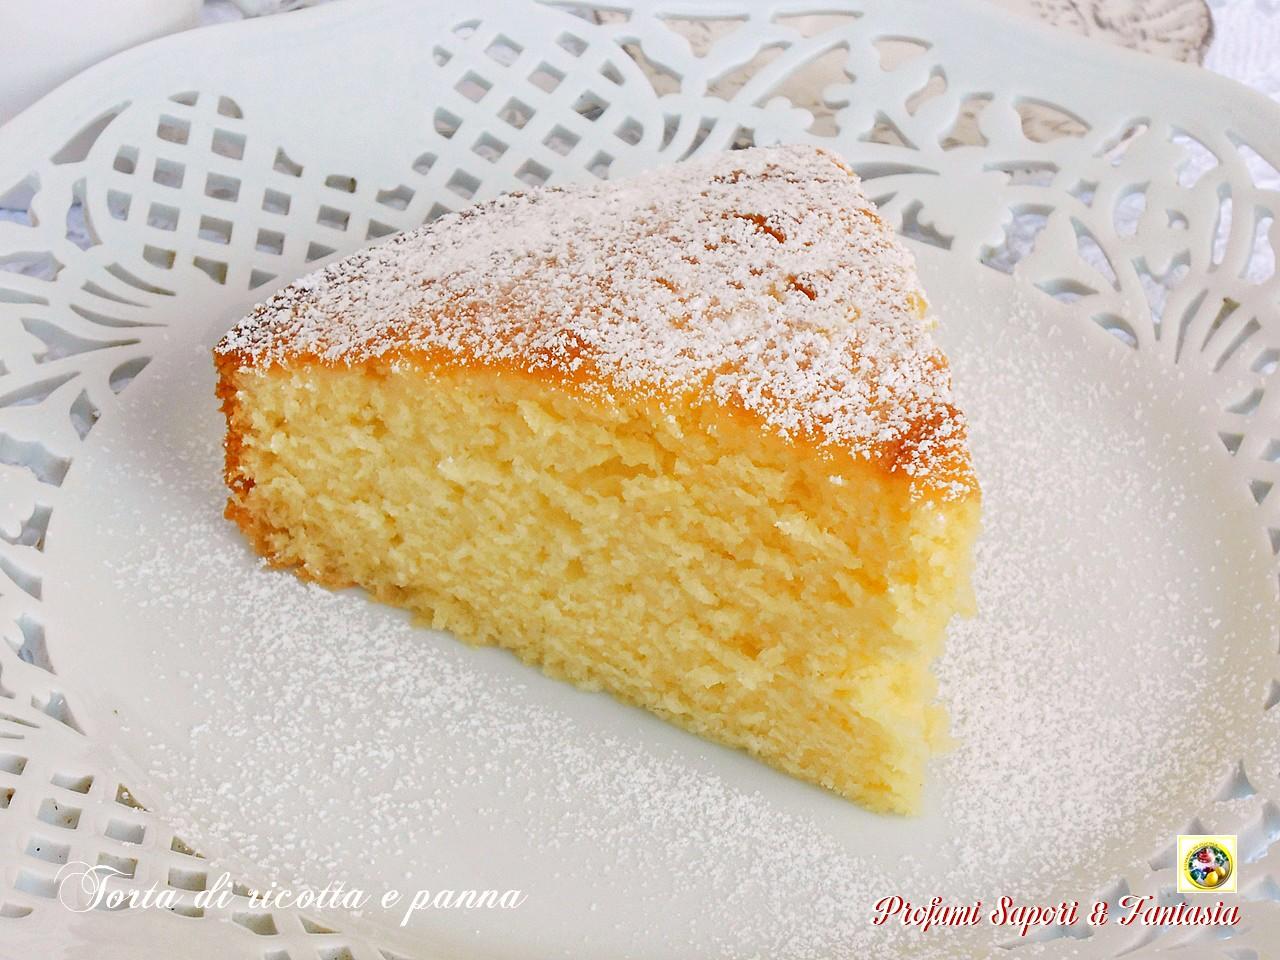 Torta di ricotta e panna sofficissima e delicata ricetta facile - Differenza panna da cucina e panna fresca ...